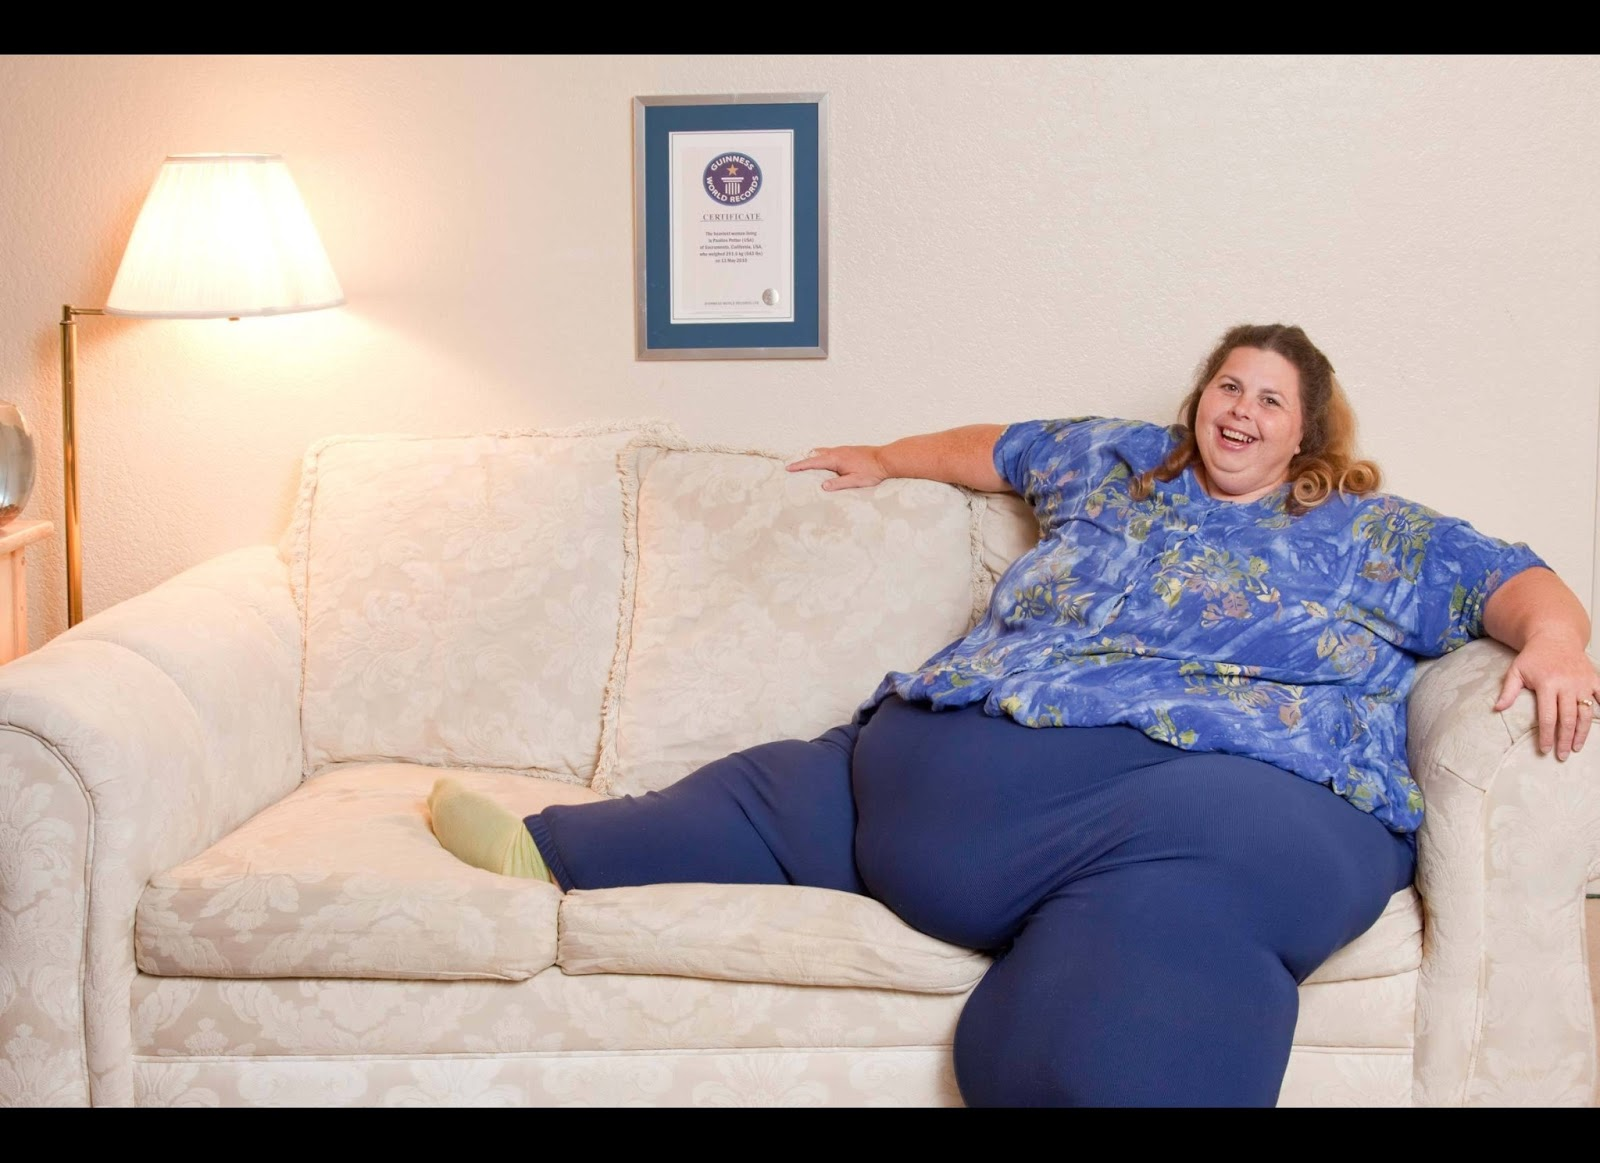 Самая жирная женщина 21 фотография